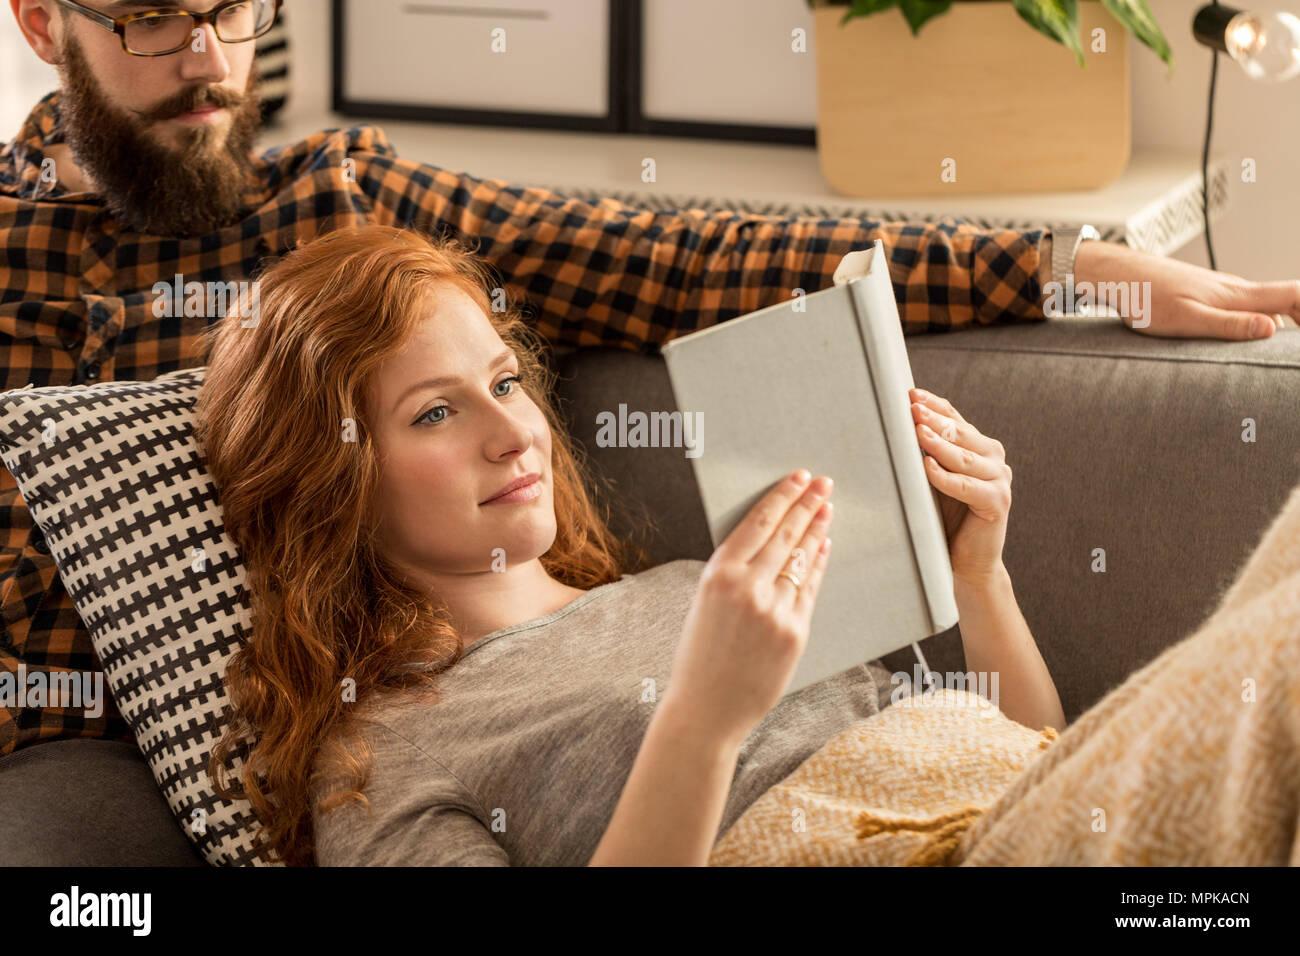 Pelirroja mujer leyendo un libro sentado detrás de ella y su marido. Foto de stock